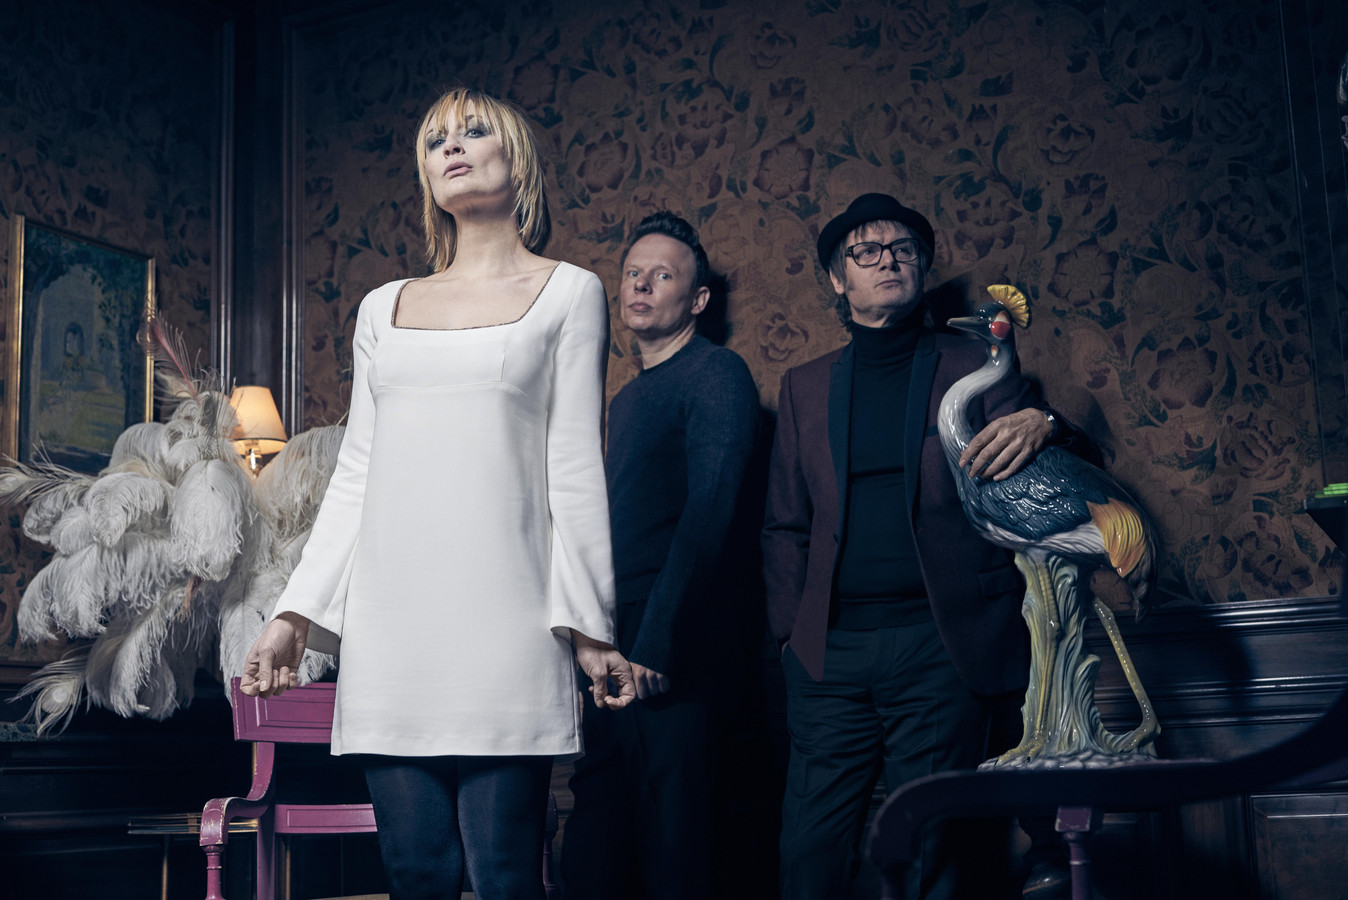 Hooverphonic hoopt met hun single 'The Wrong Place' op een overwinning op het Songfestival